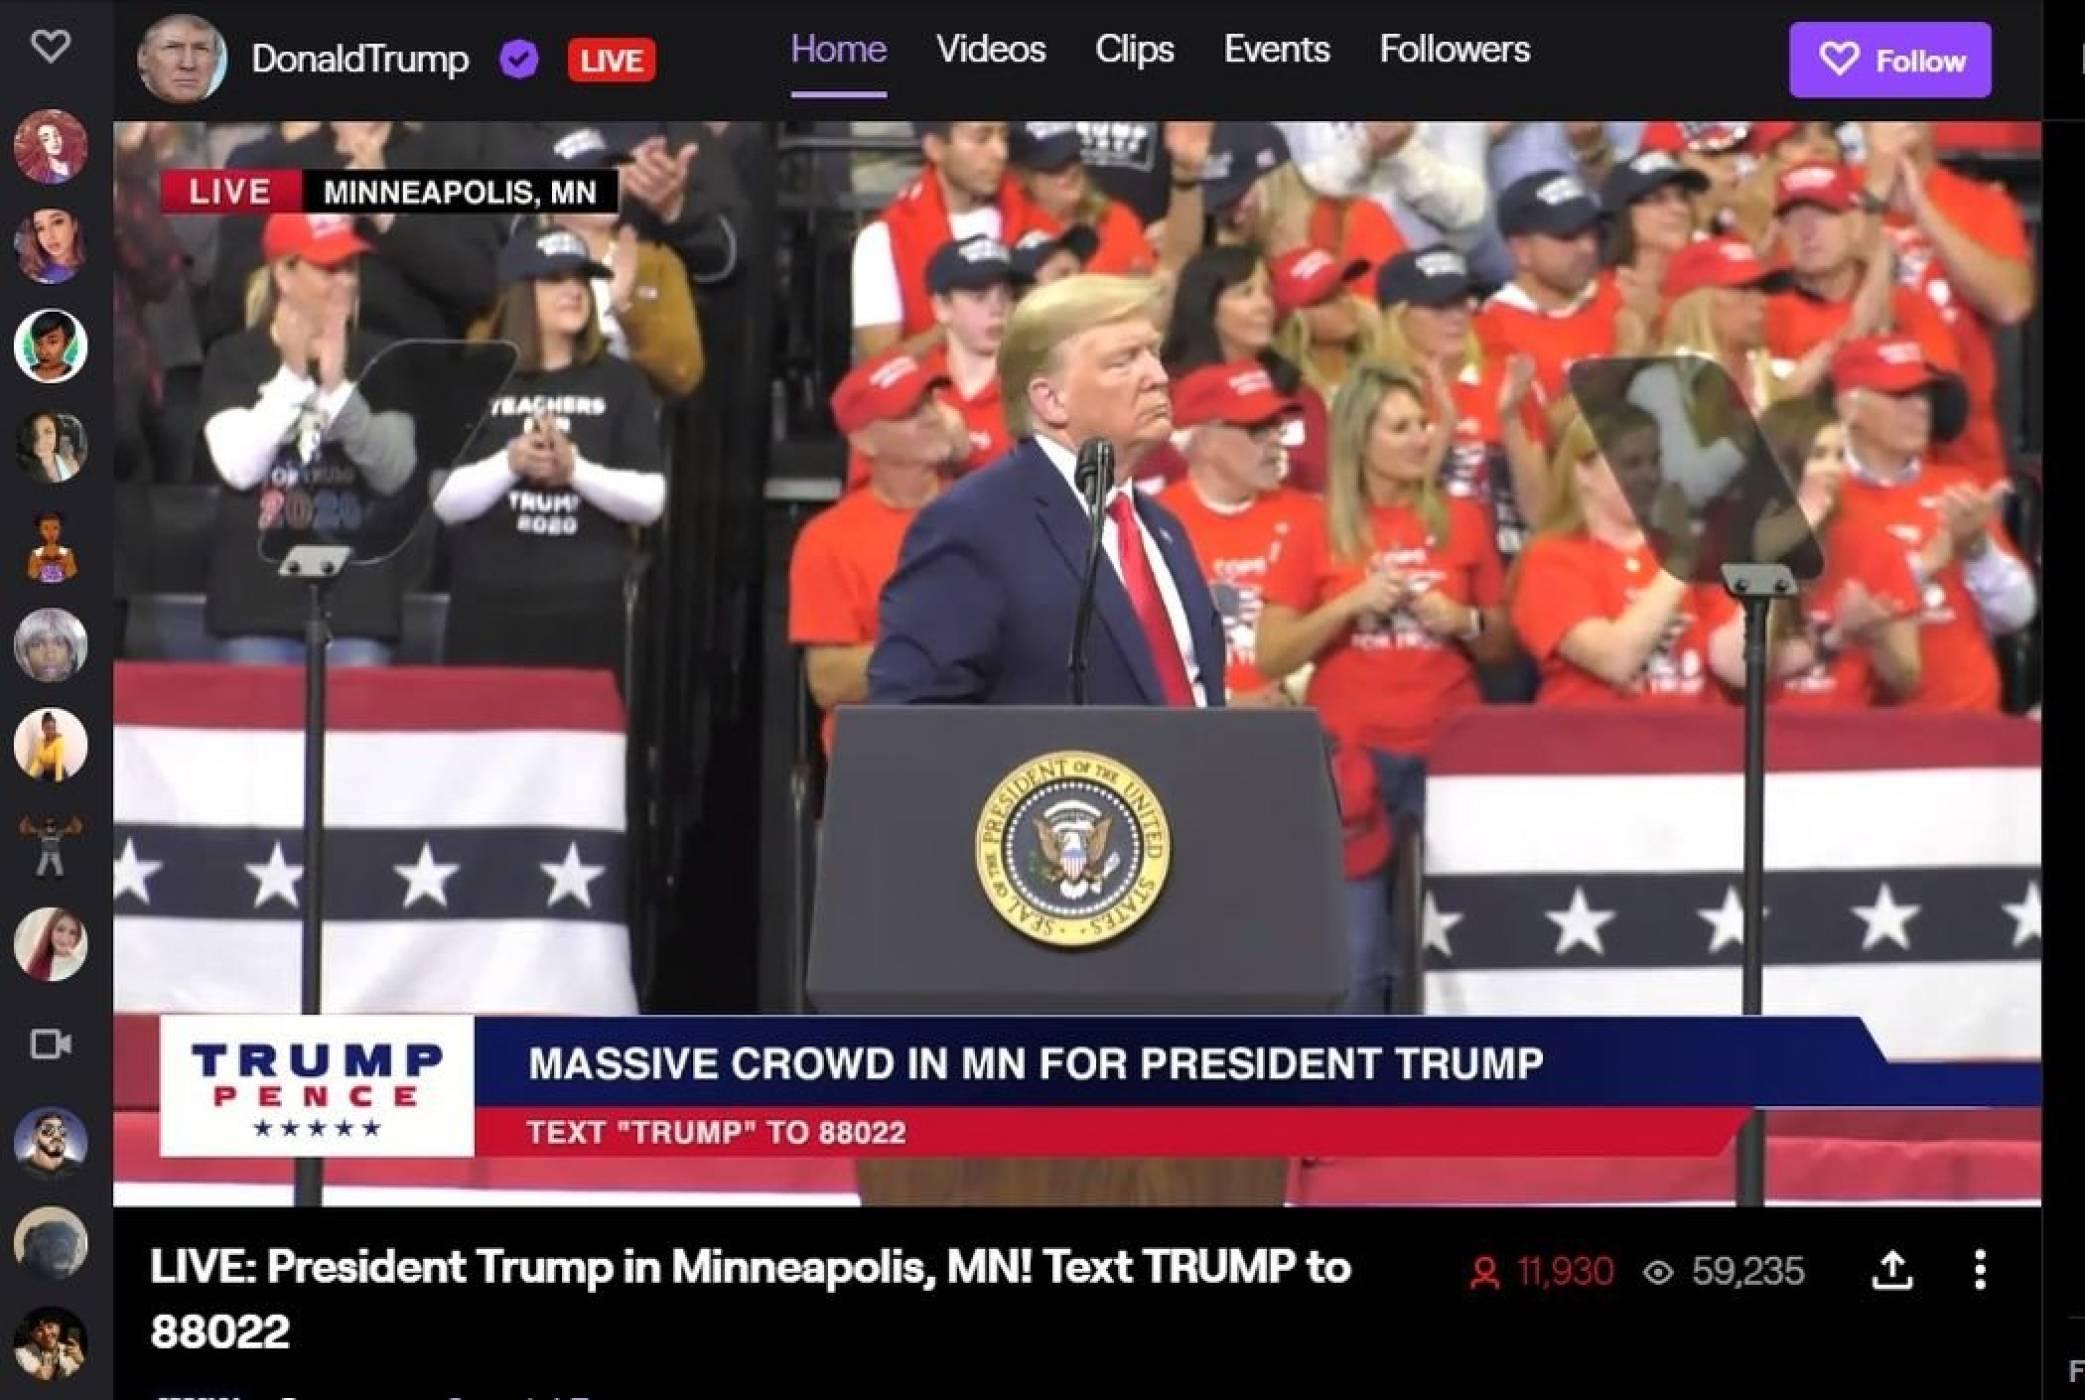 Доналд Тръмп е най-новият стриймър в Twitch